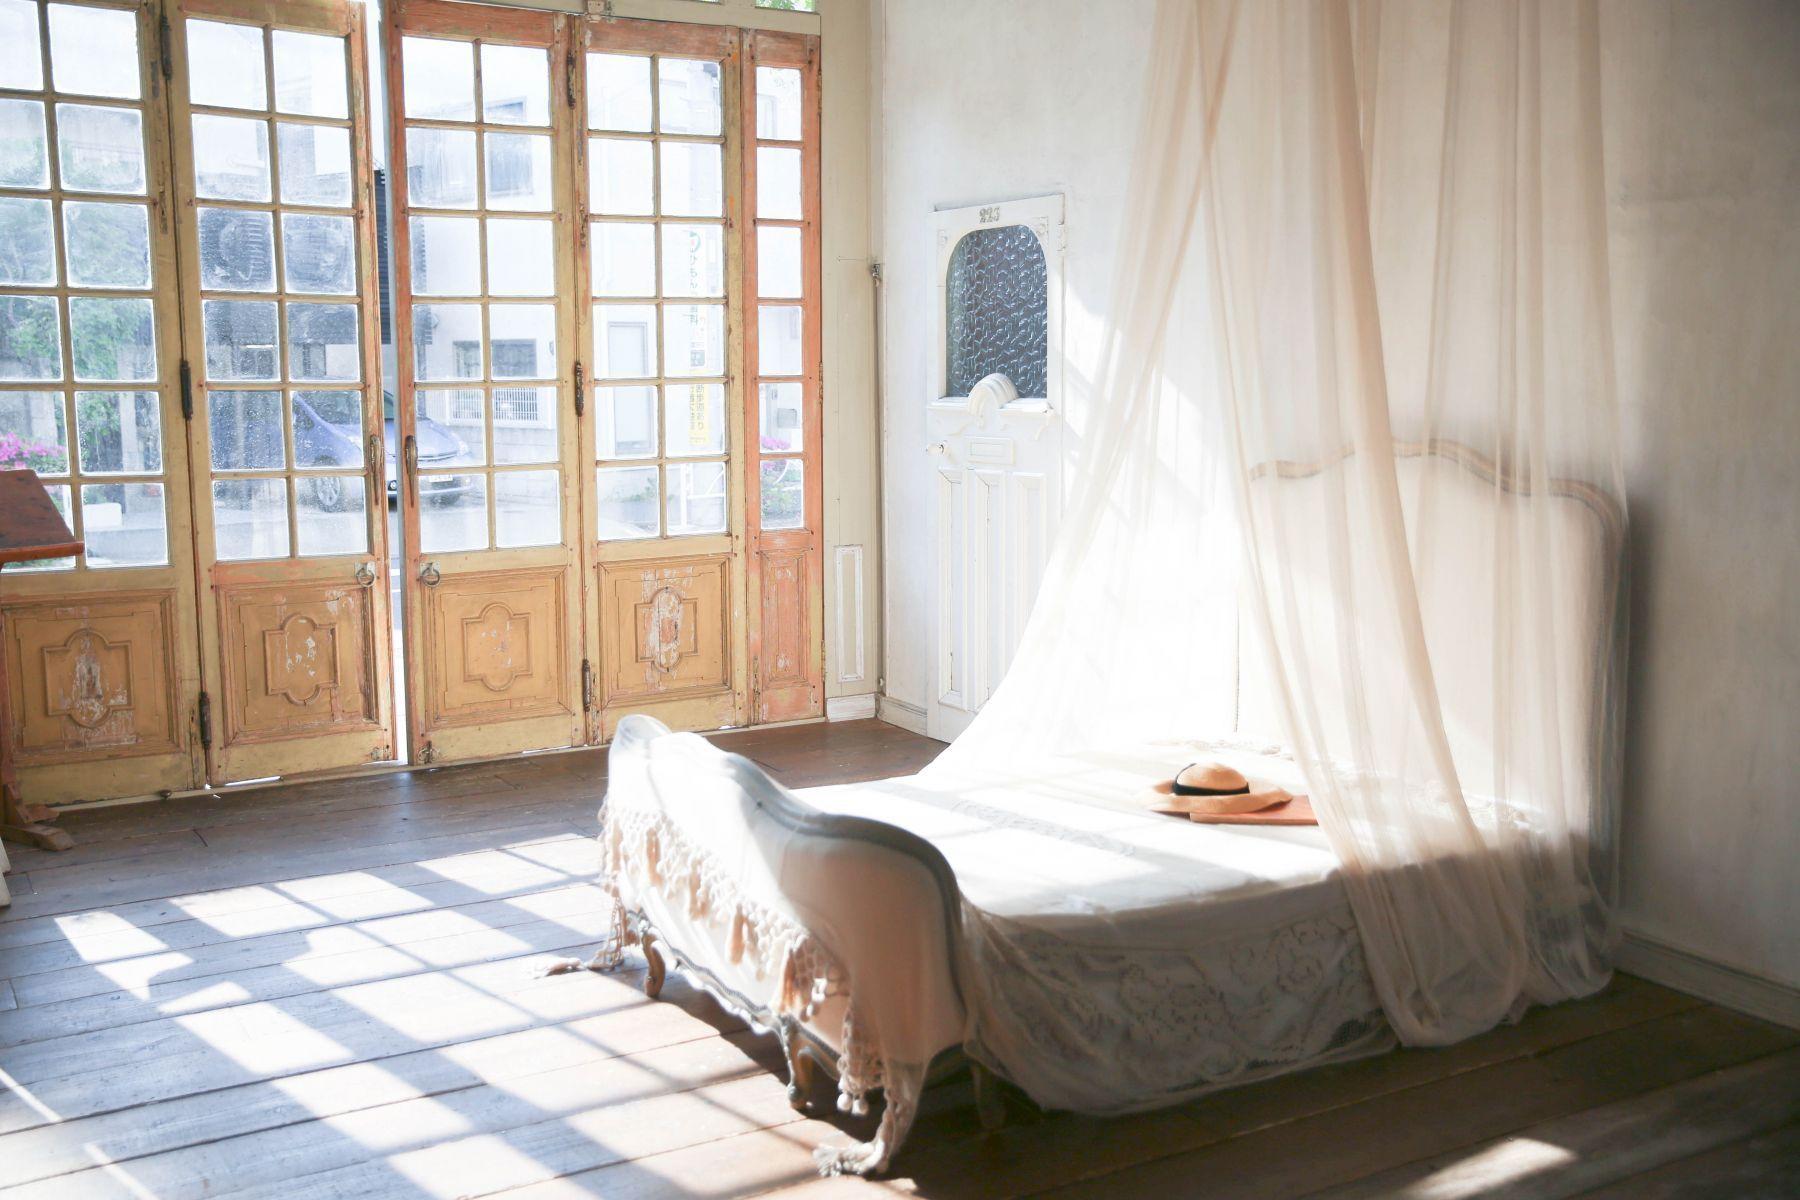 studio itto 目黒碑文谷1Fst (スタジオ イット)西陽の入る大きな窓とベッド